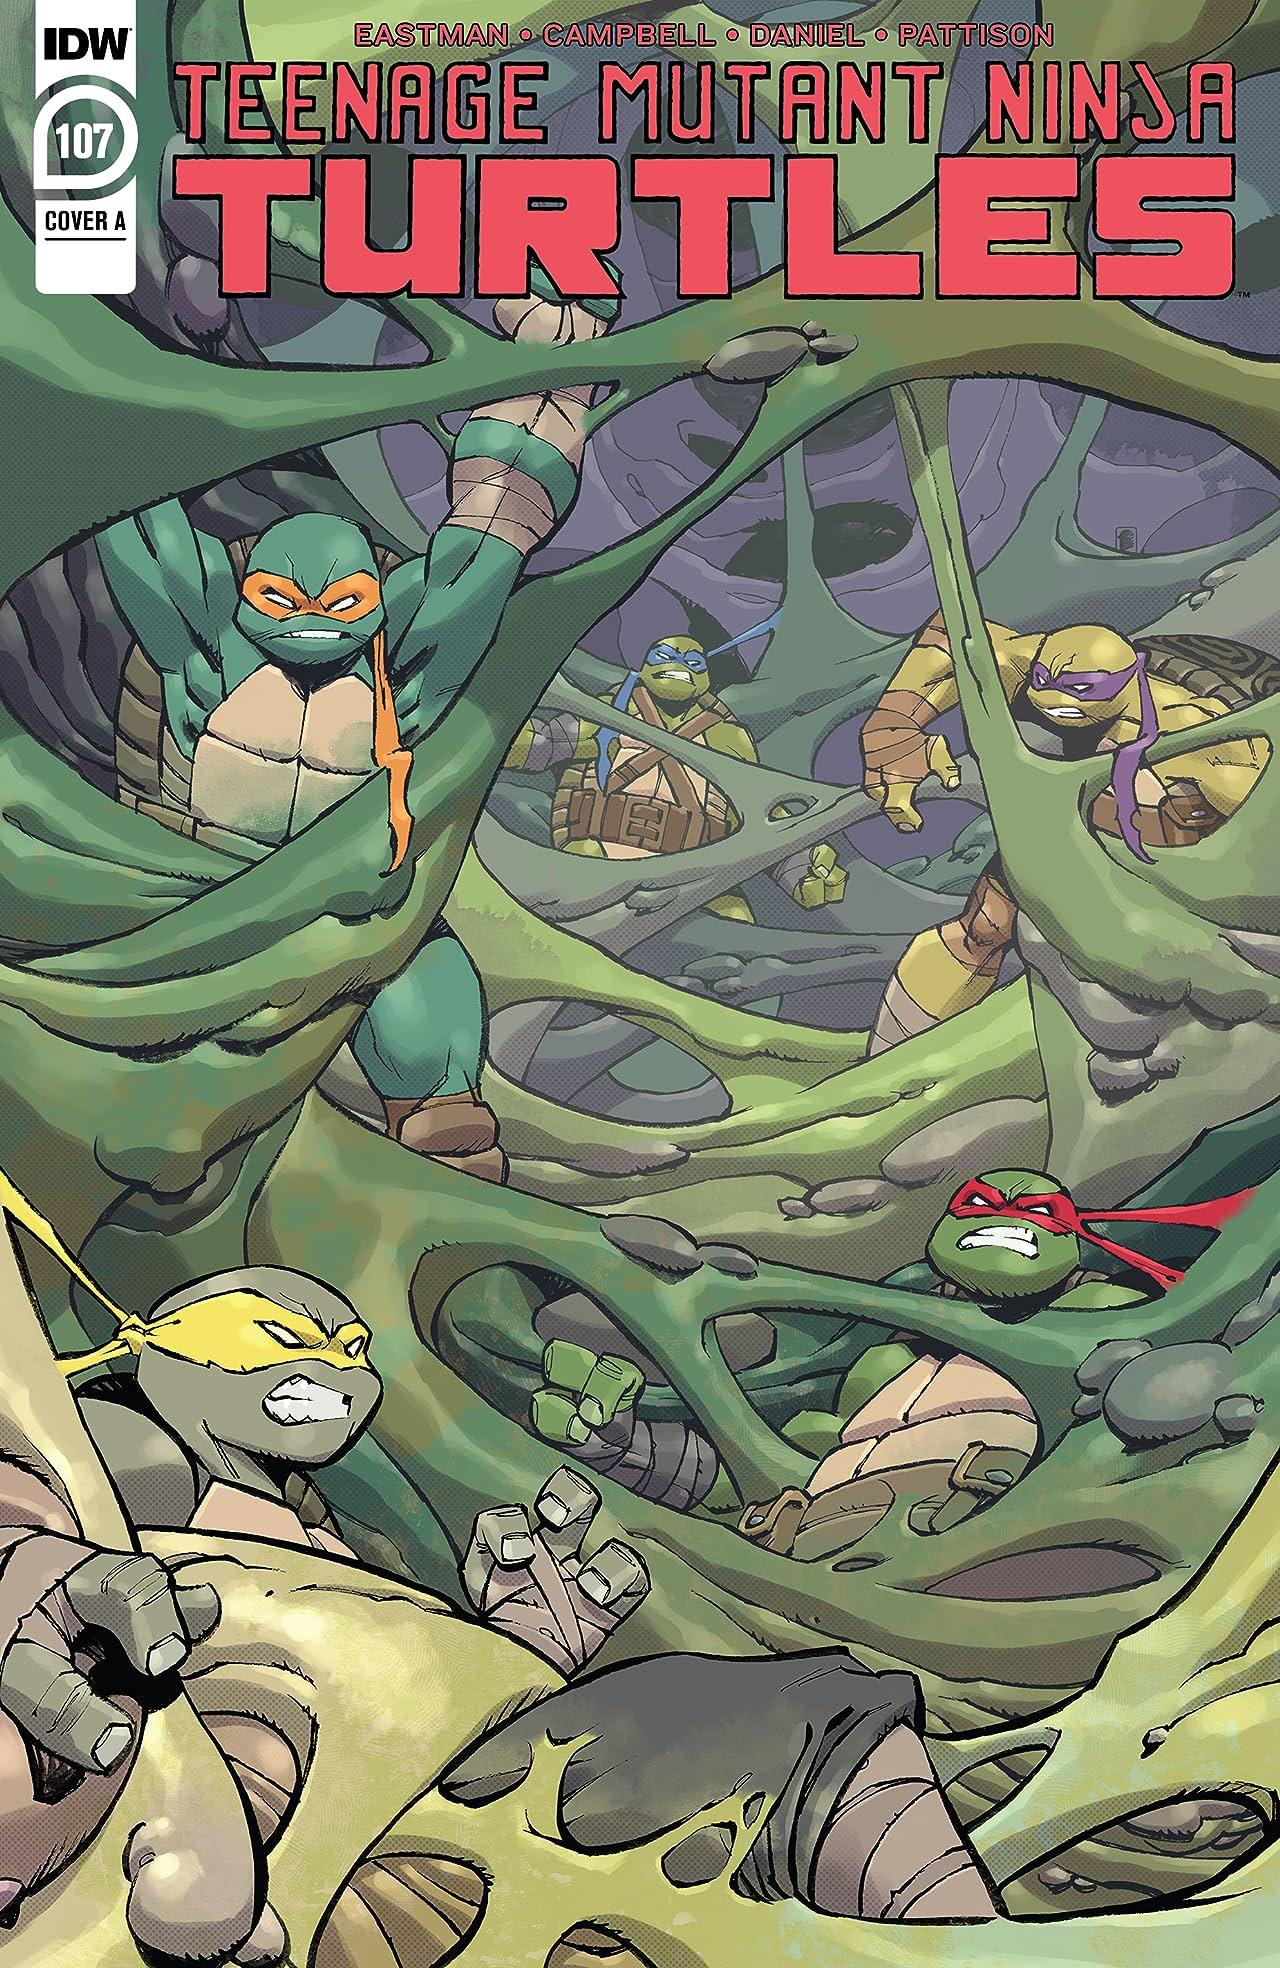 Teenage Mutant Ninja Turtles No.107